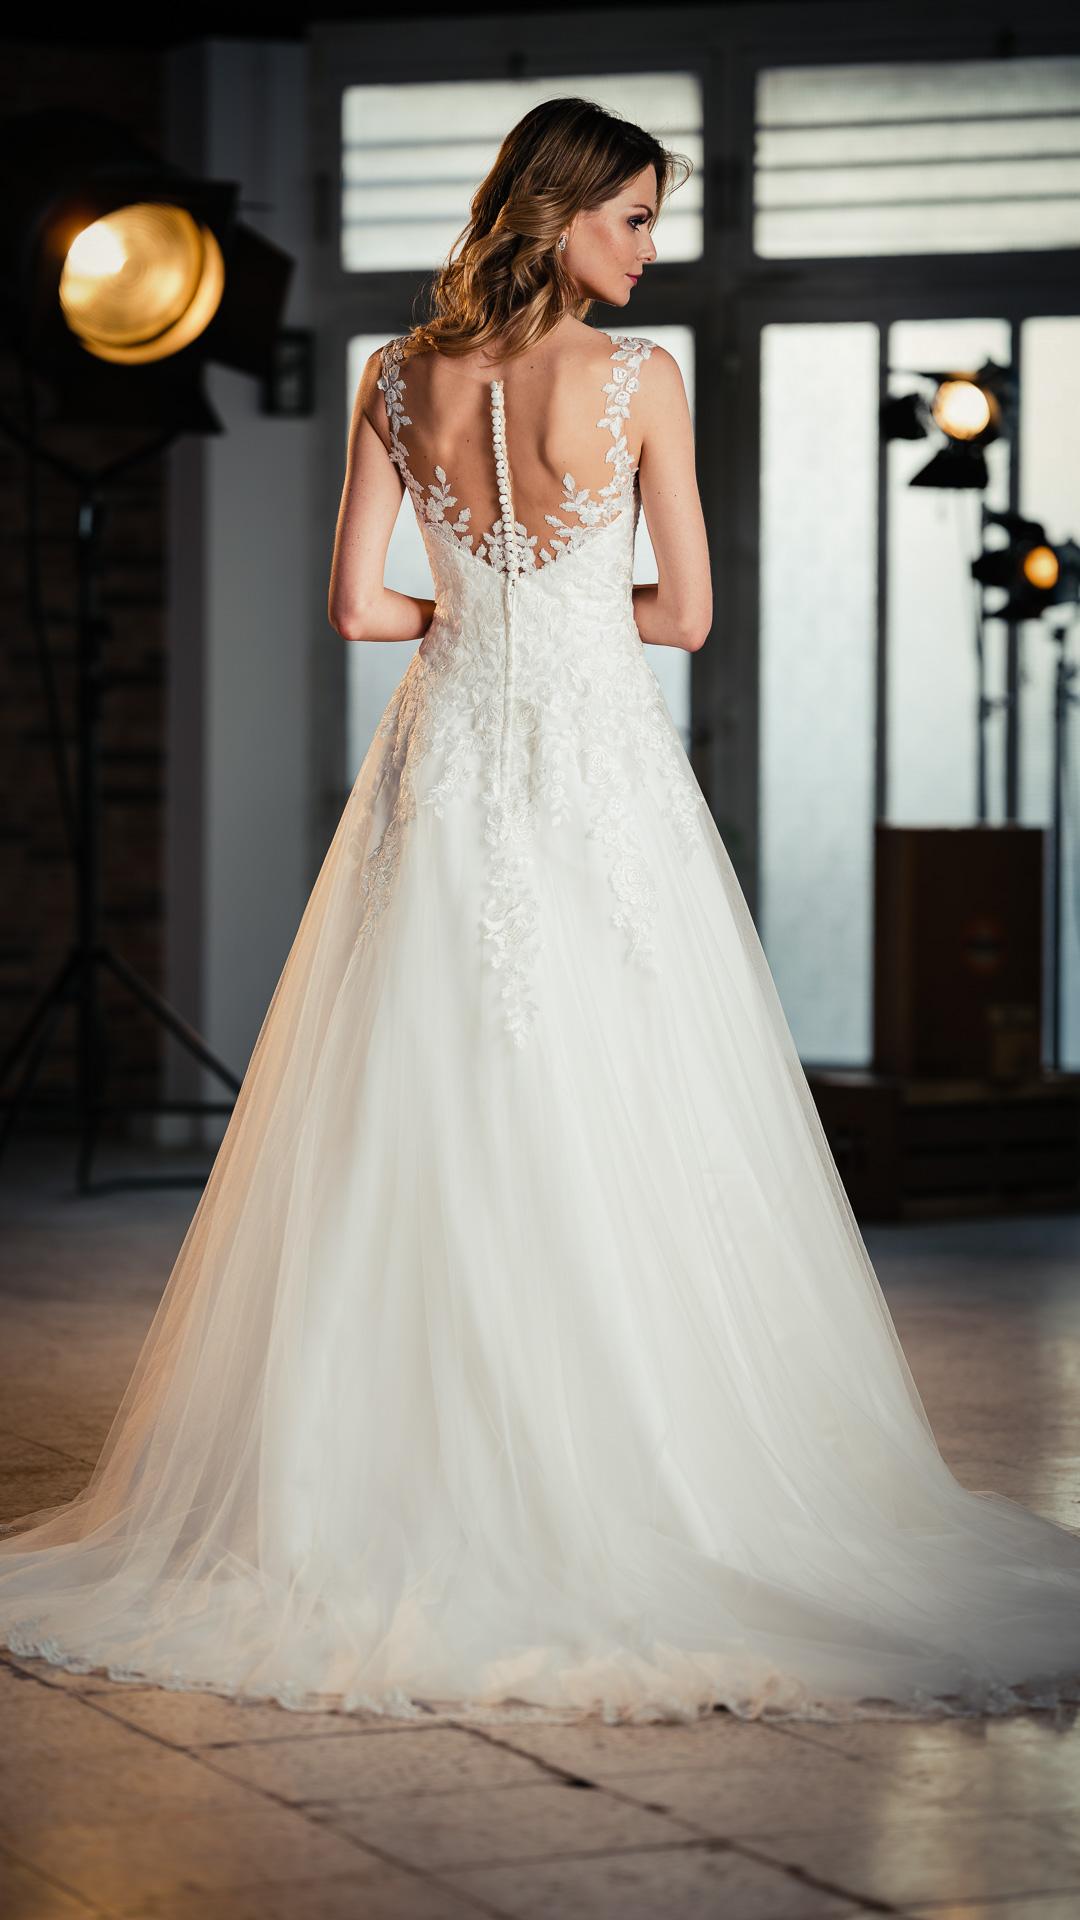 Kollektion 2021 Brautkleid 6698 von DMY